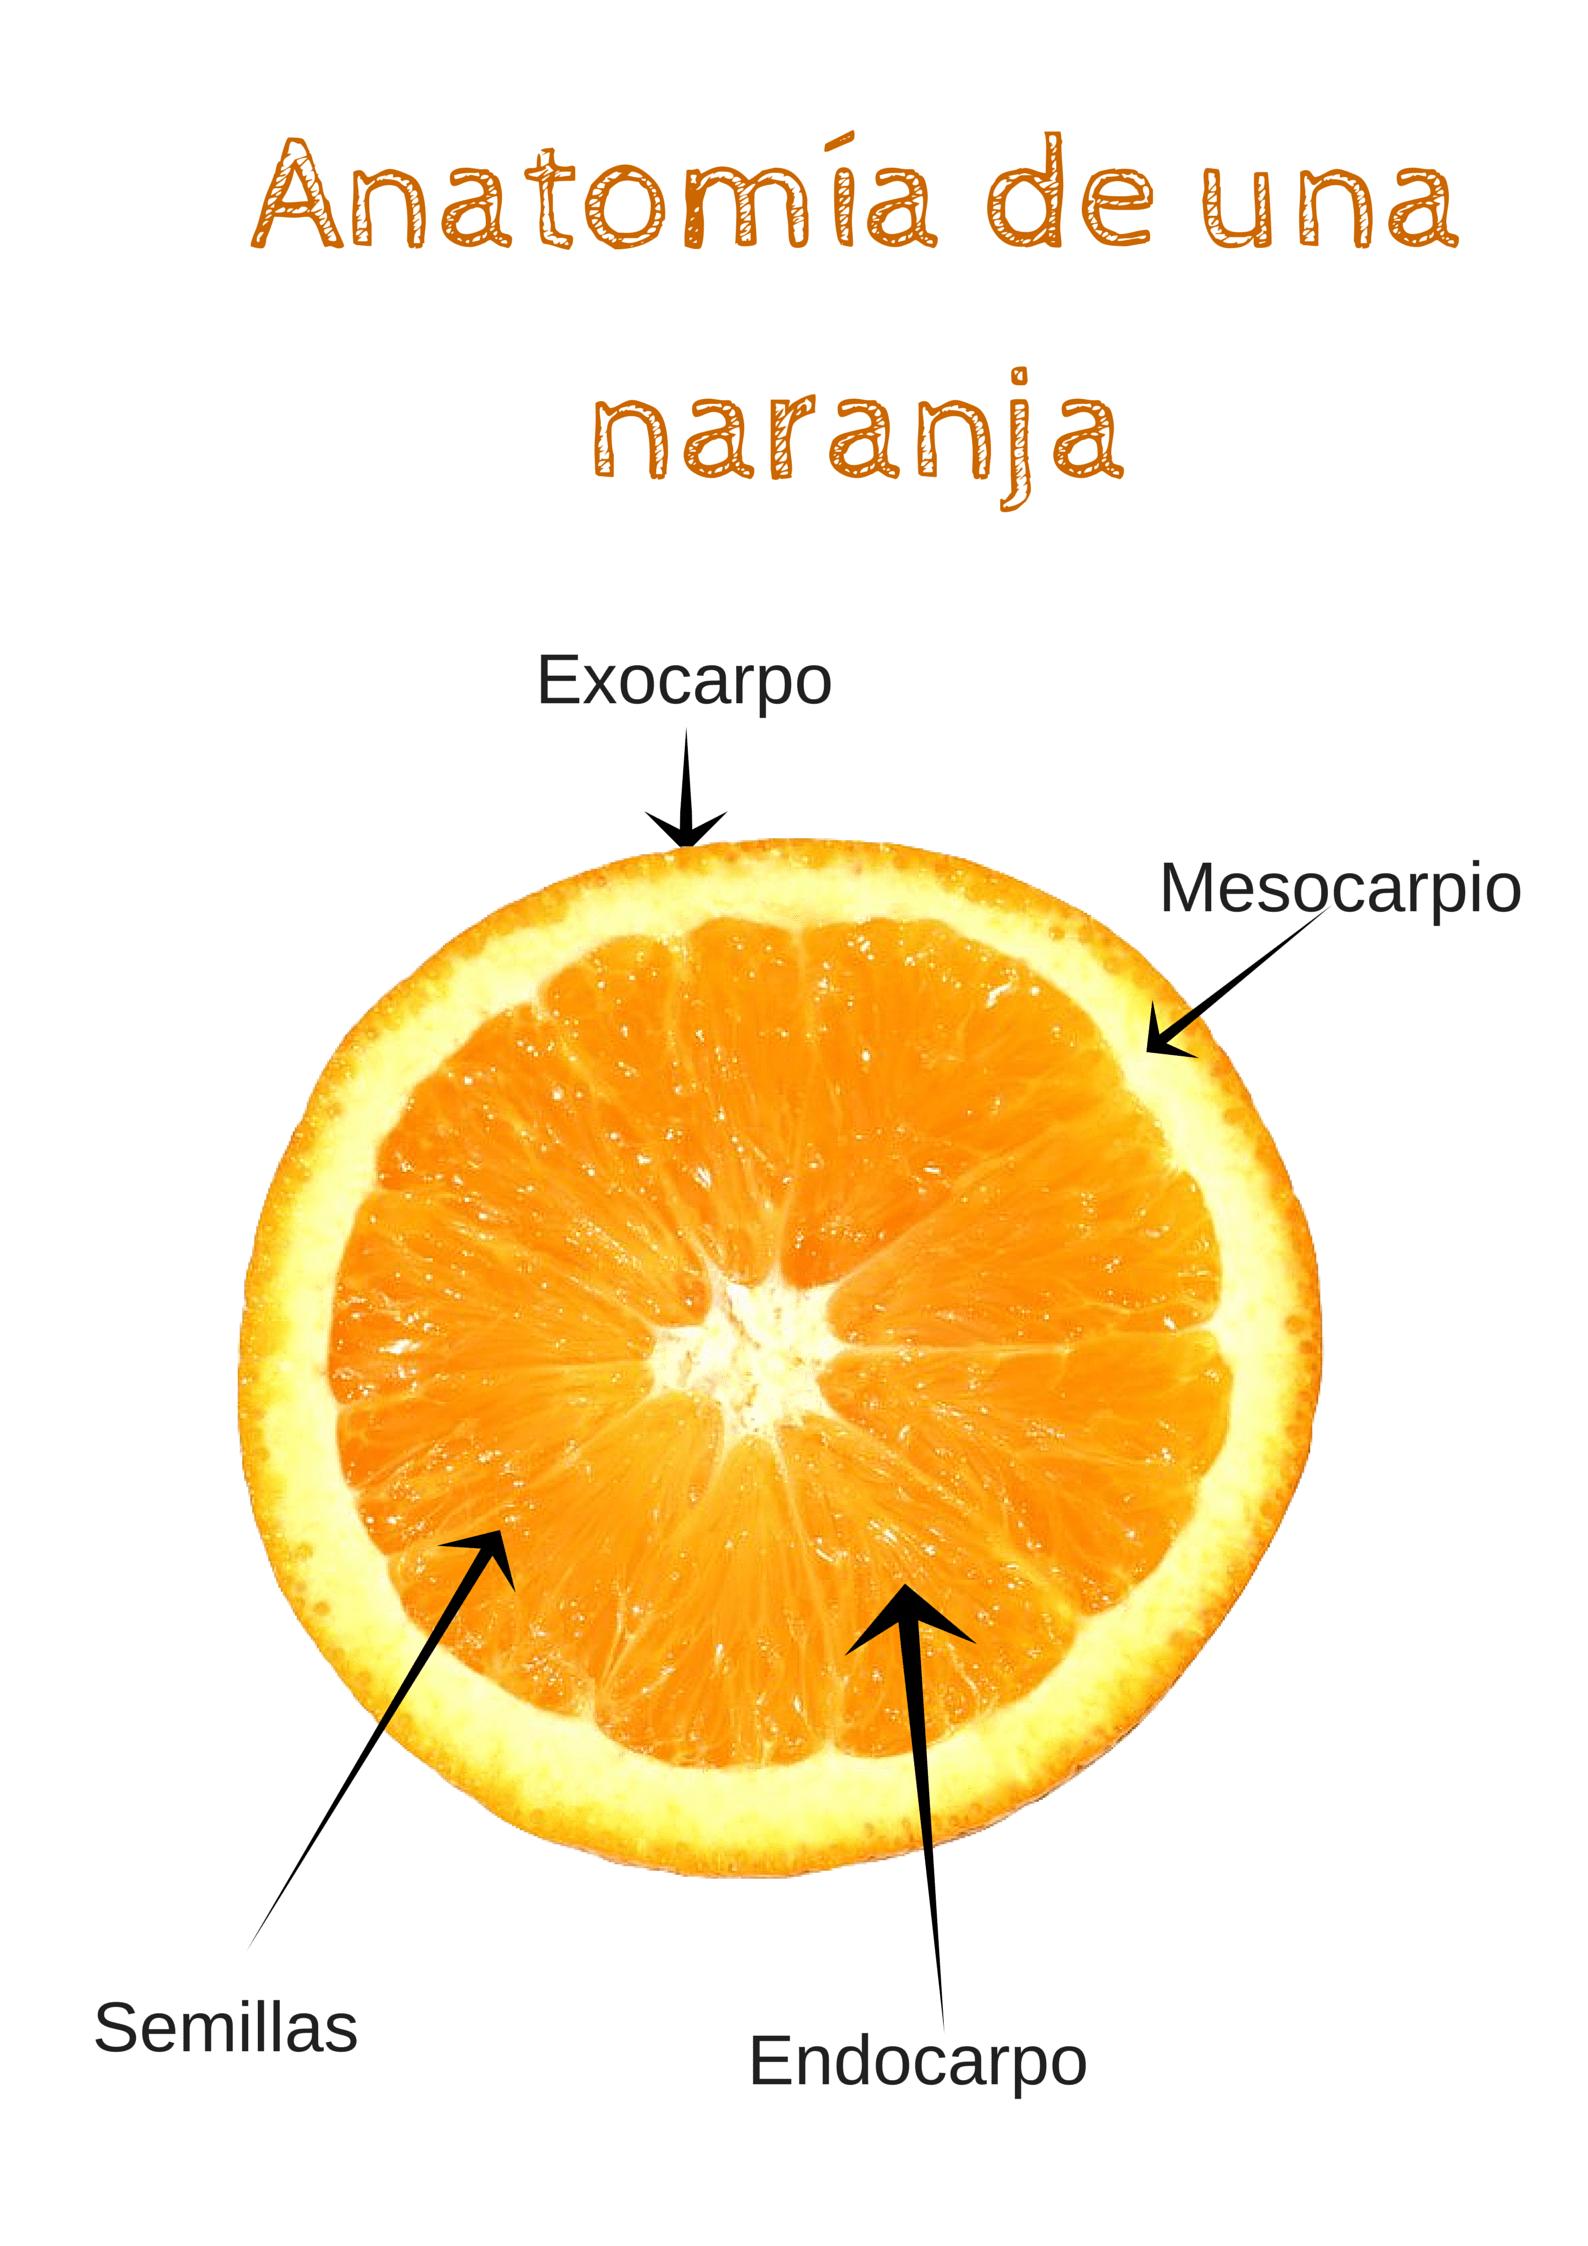 Blog de agricultura y apicultura » Anatomía de una naranja